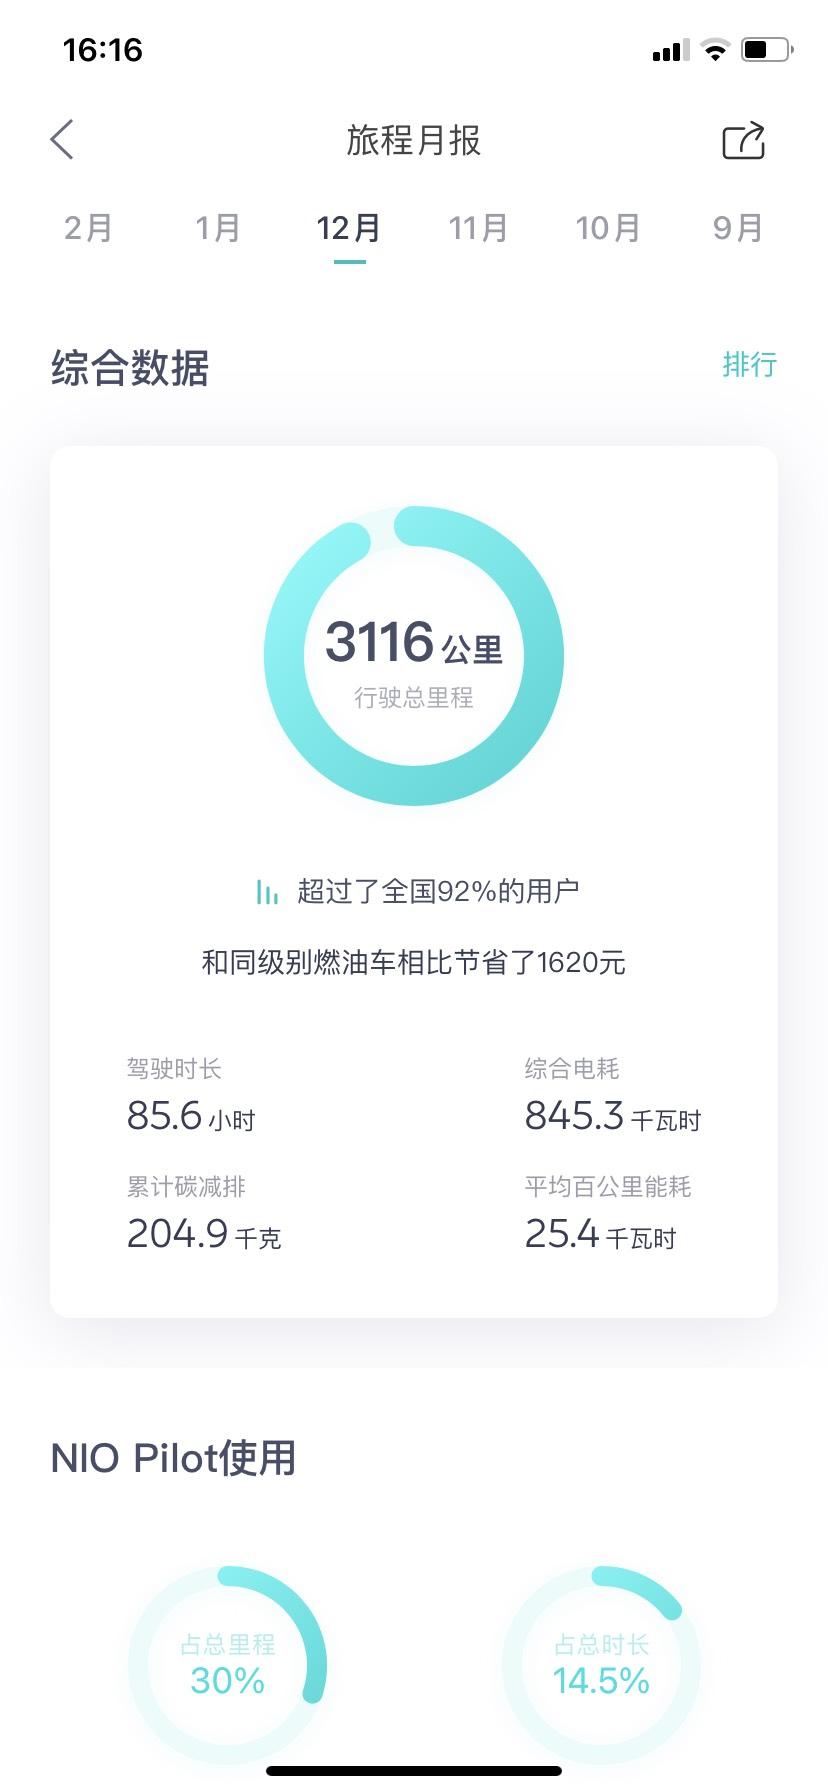 蔚来app中记录我一年的行车旅程数据_蔚来EC6怎么样-口碑精选